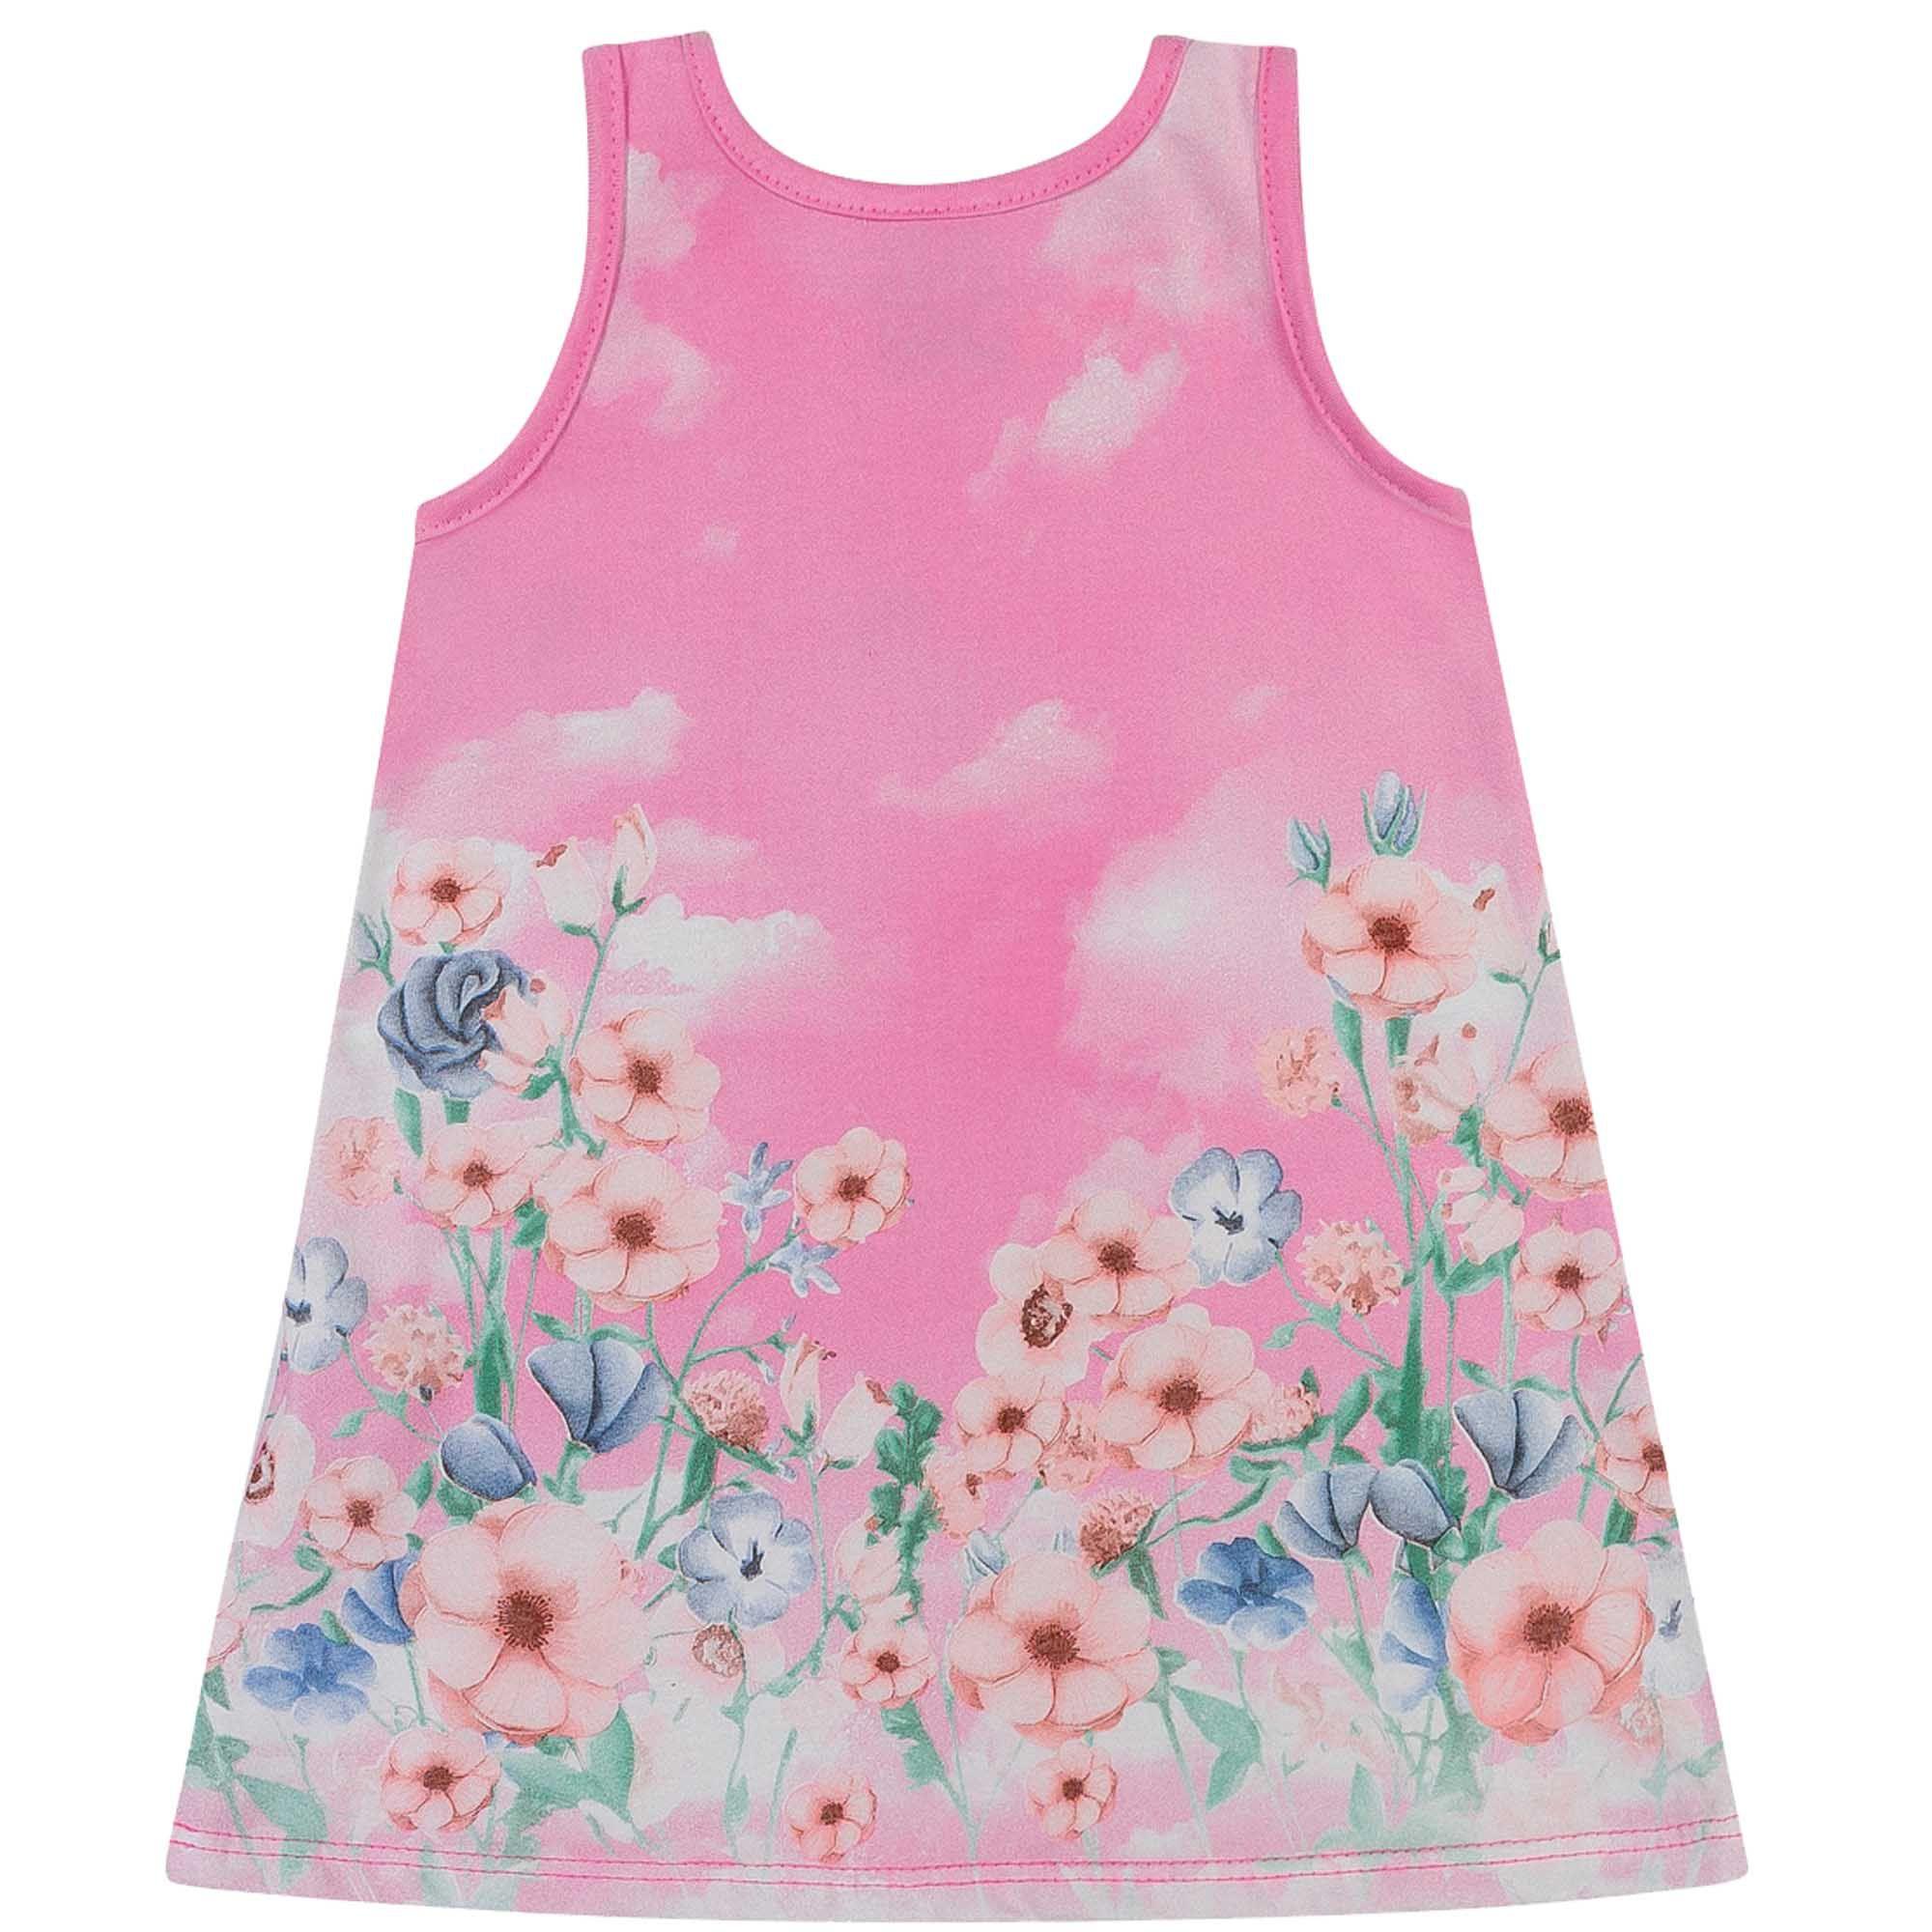 Vestido Verão Romitex Kely Kety Gato no Jardim - 1 ao 2